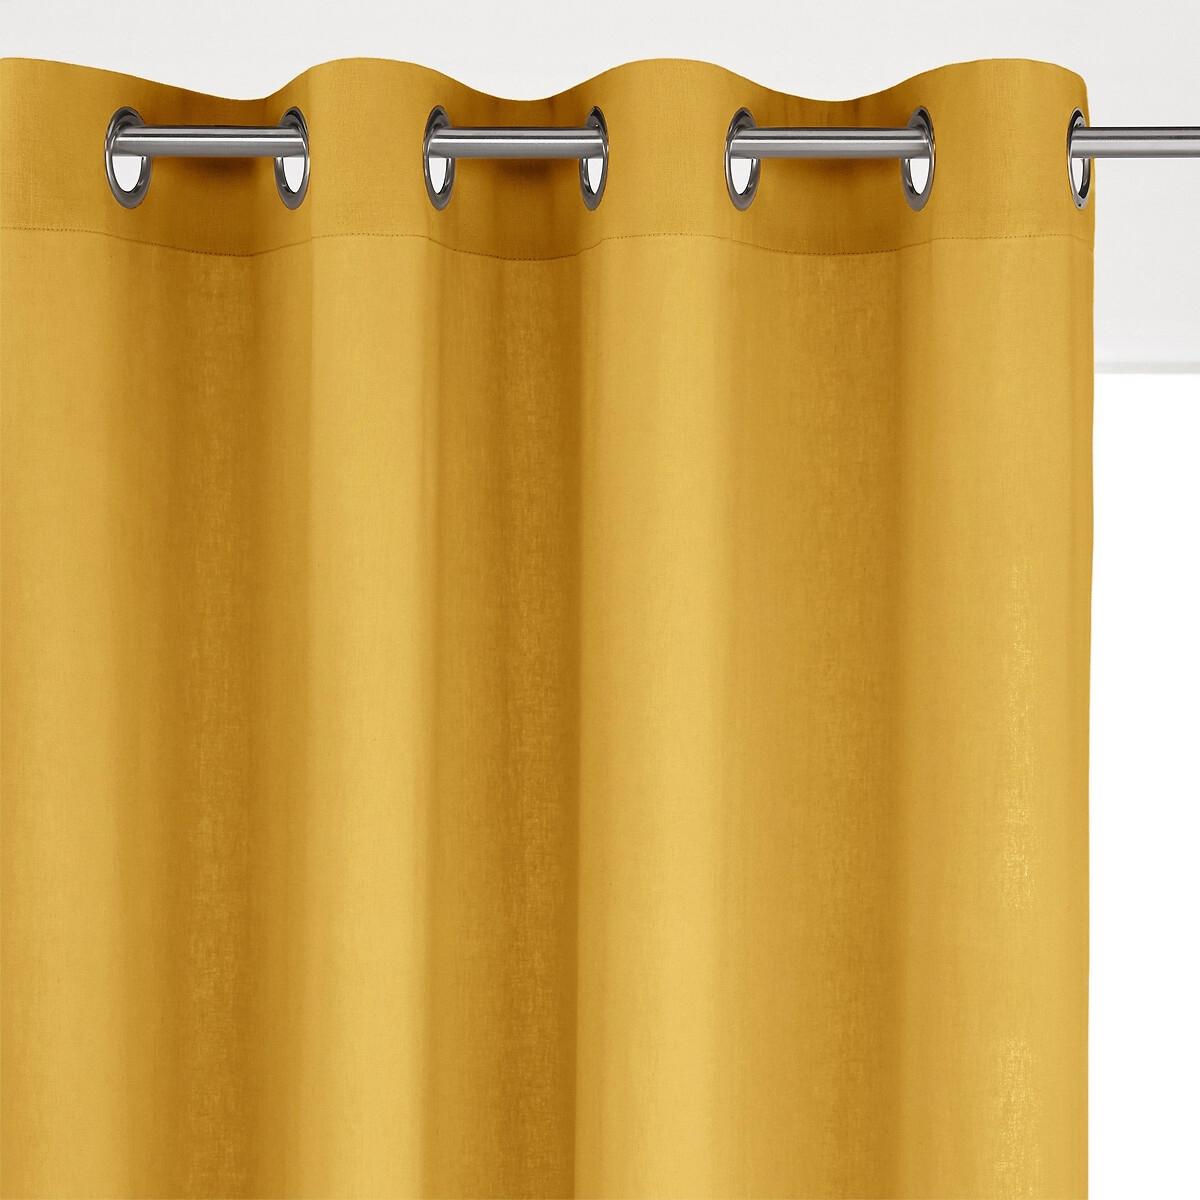 Штора LaRedoute Из льна и вискозы с люверсами ODORIE 250 x 135 см желтый